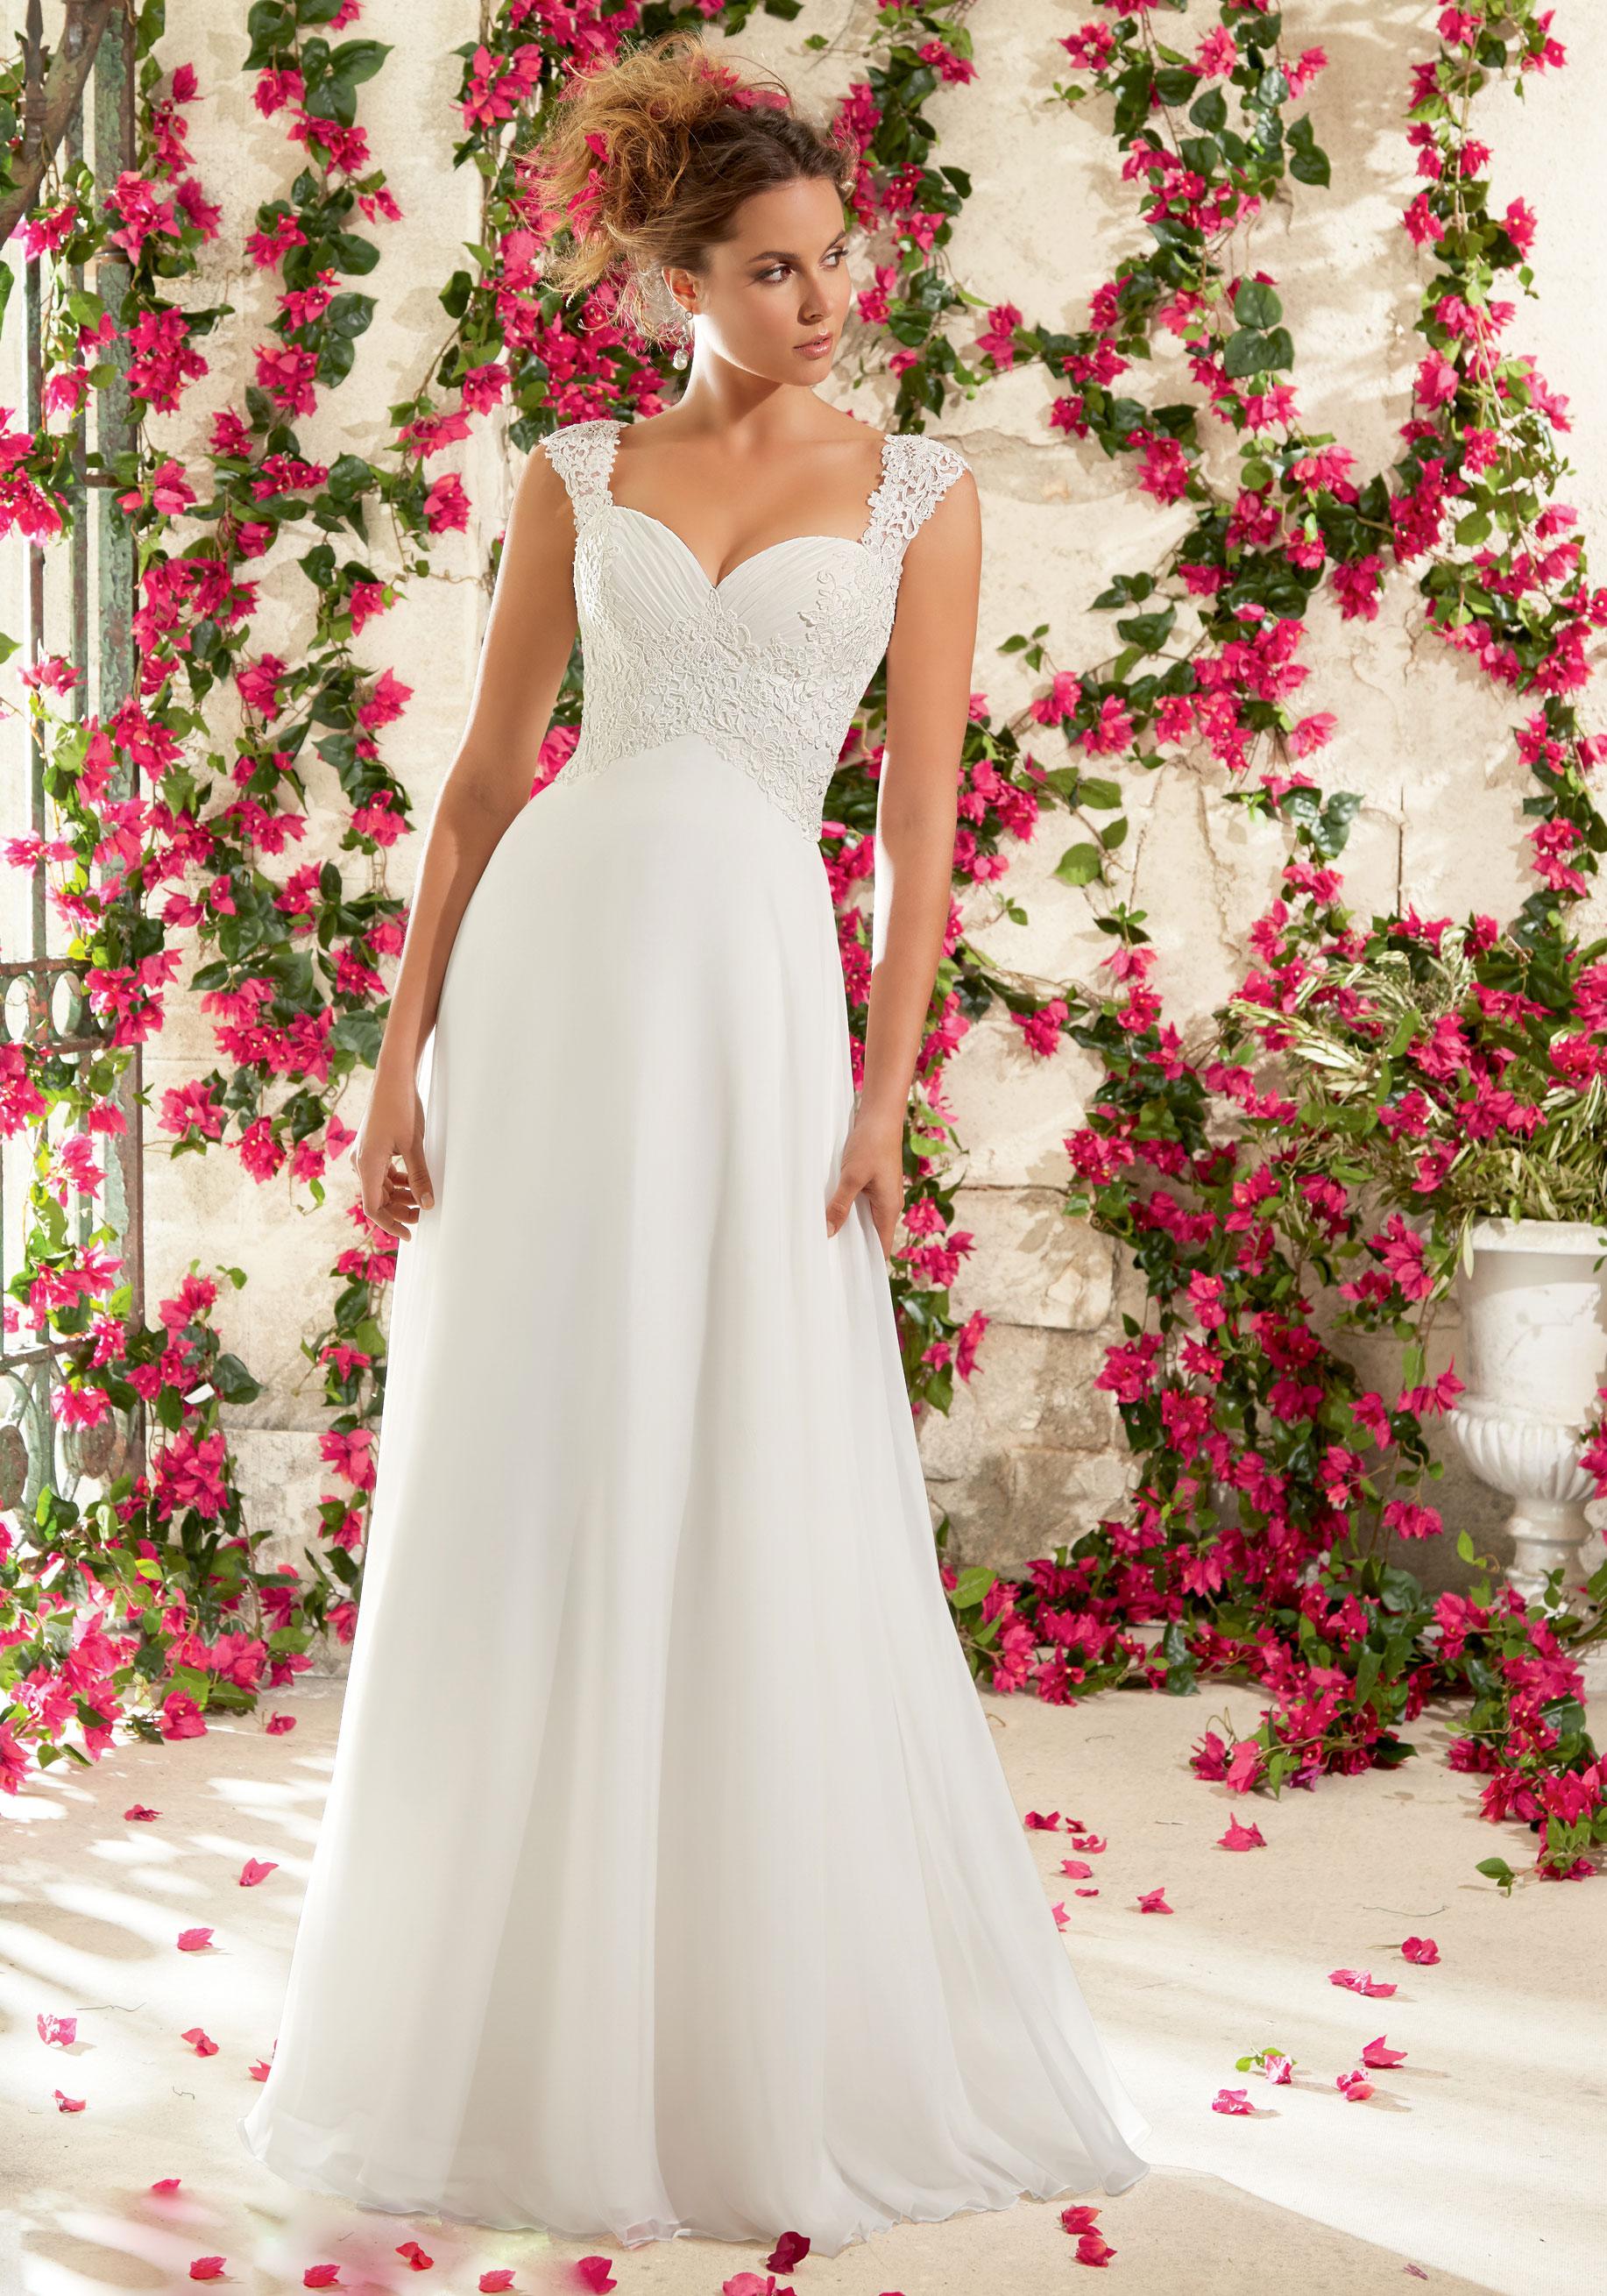 Brautkleid Regensburg, Brautmode Fachgeschäft, Brautkleider kaufen